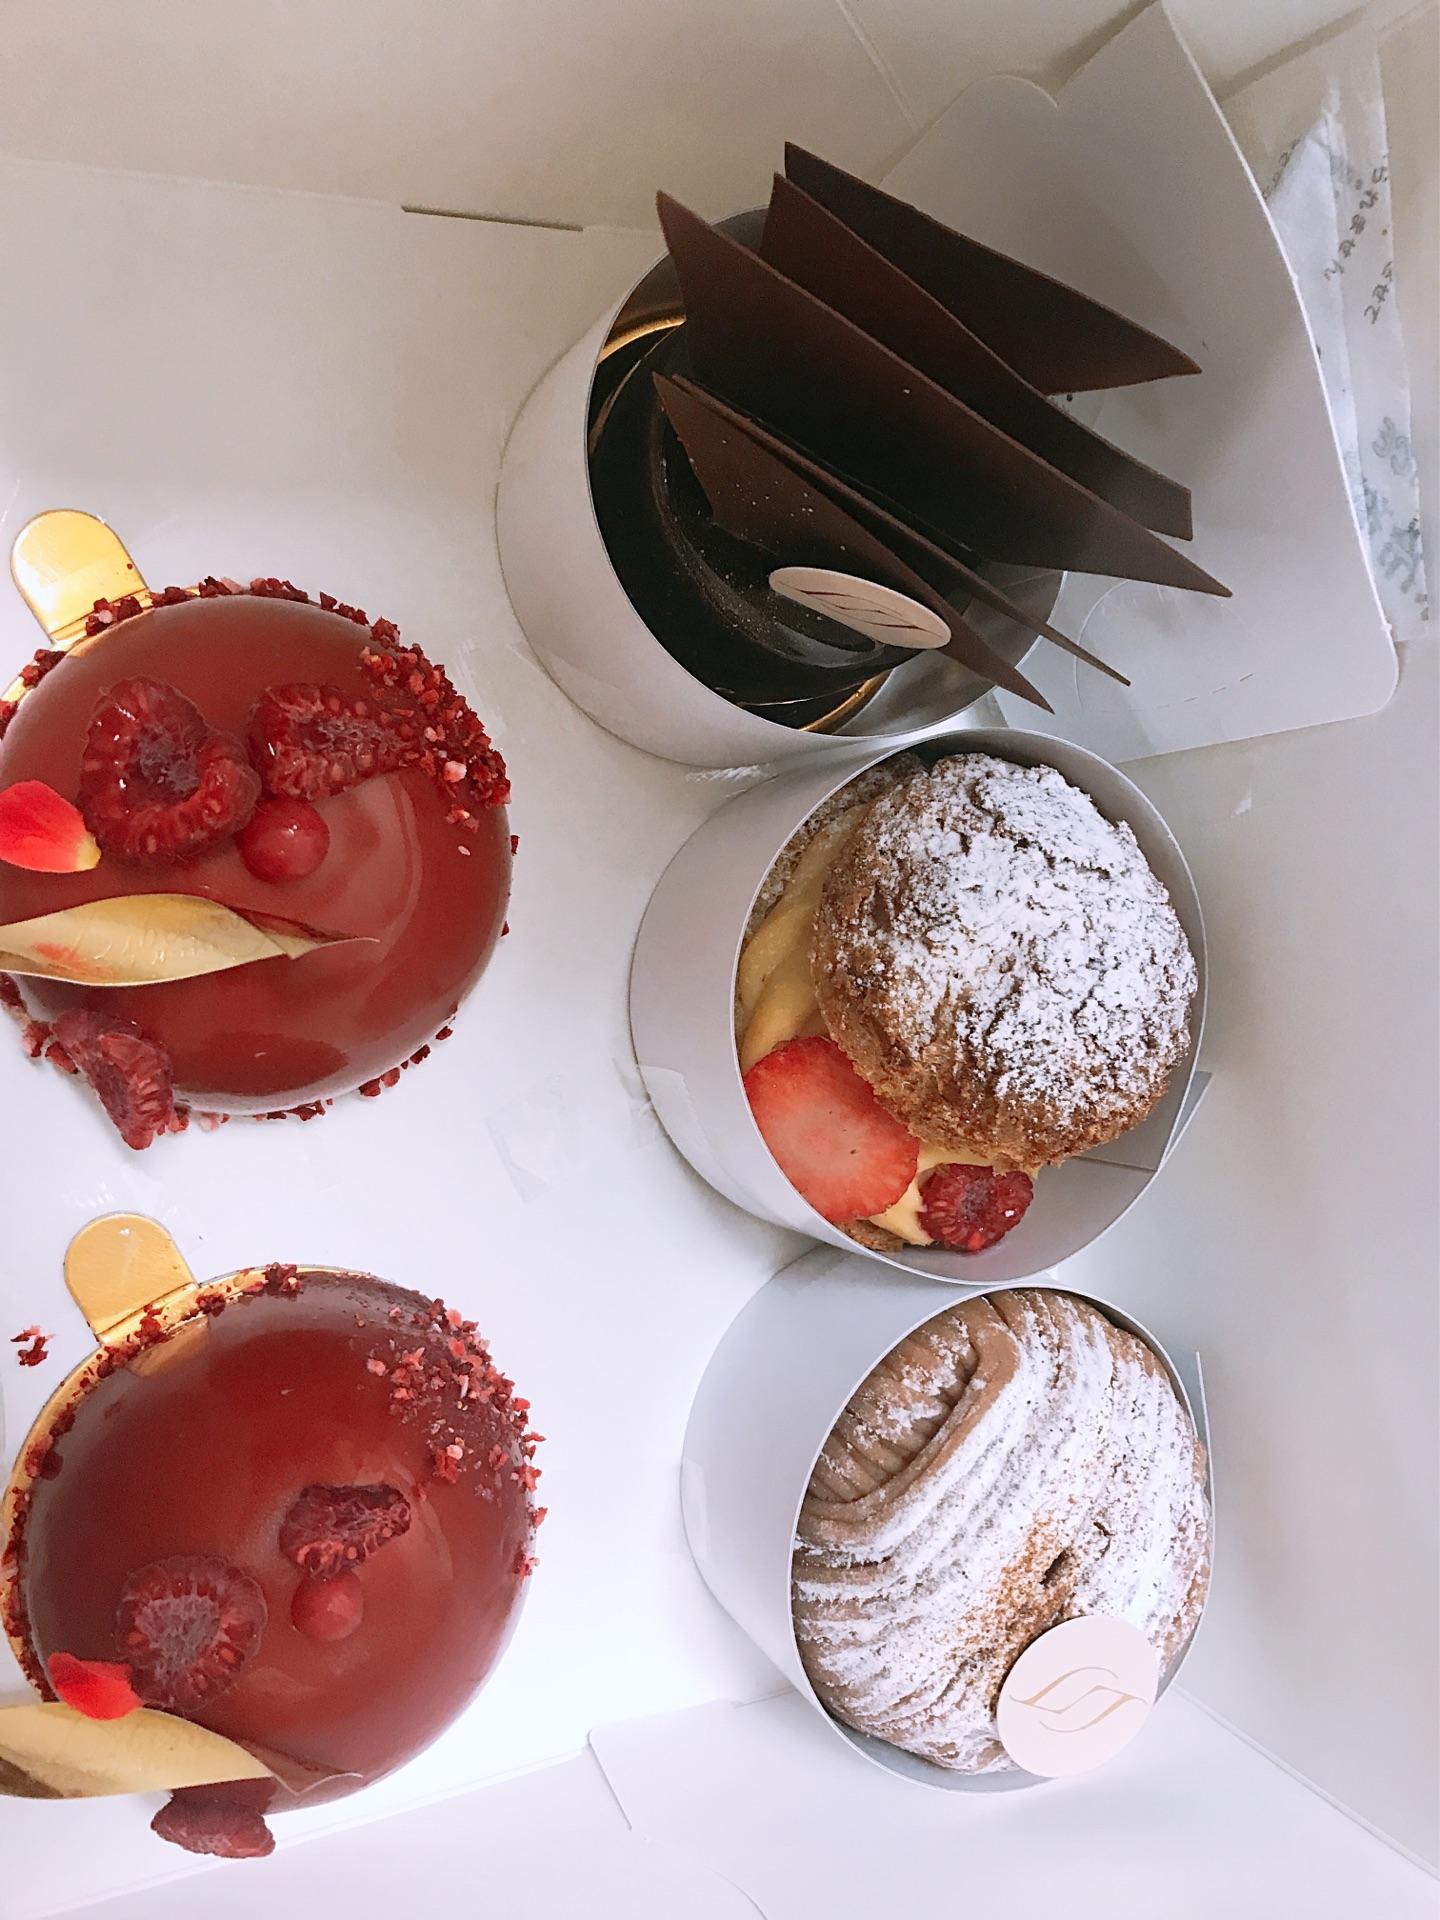 乃木坂46版セラミュ Team MOON まいやんからのケーキ